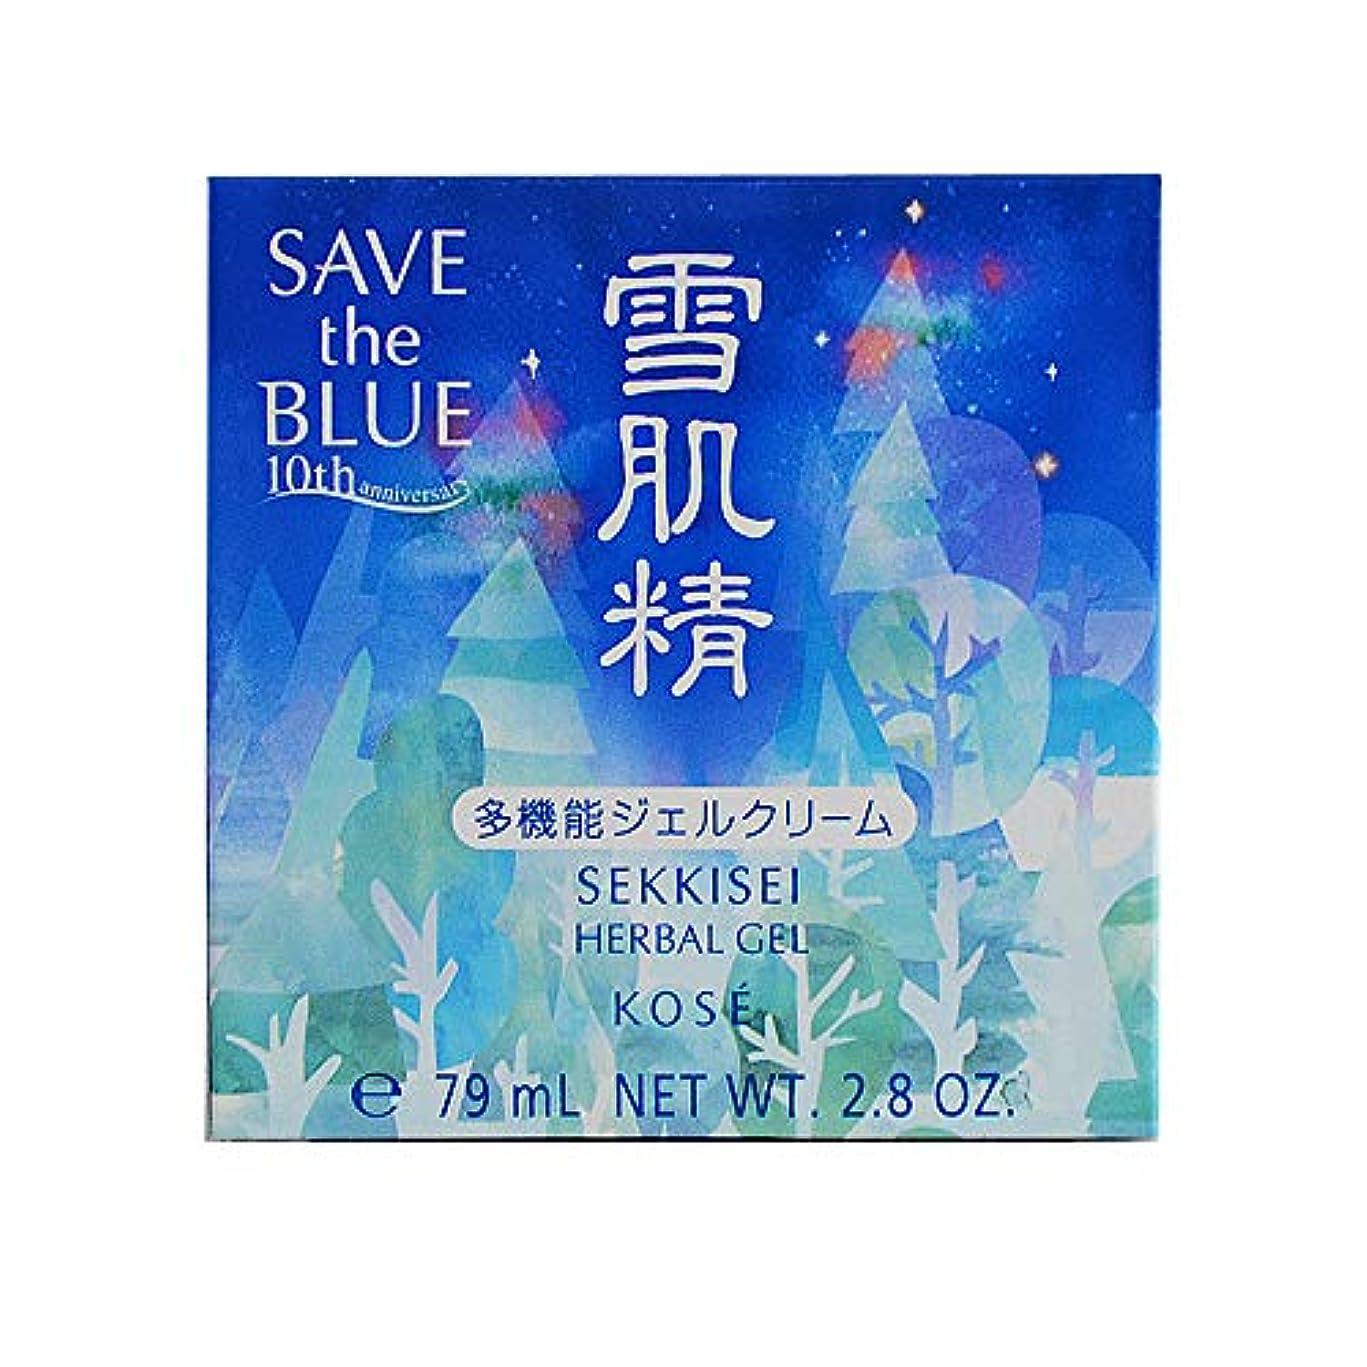 独特のありがたい負コーセー 雪肌精 ハーバルジェル 80g (SAVE the BLUE) [ フェイスクリーム ] [並行輸入品]